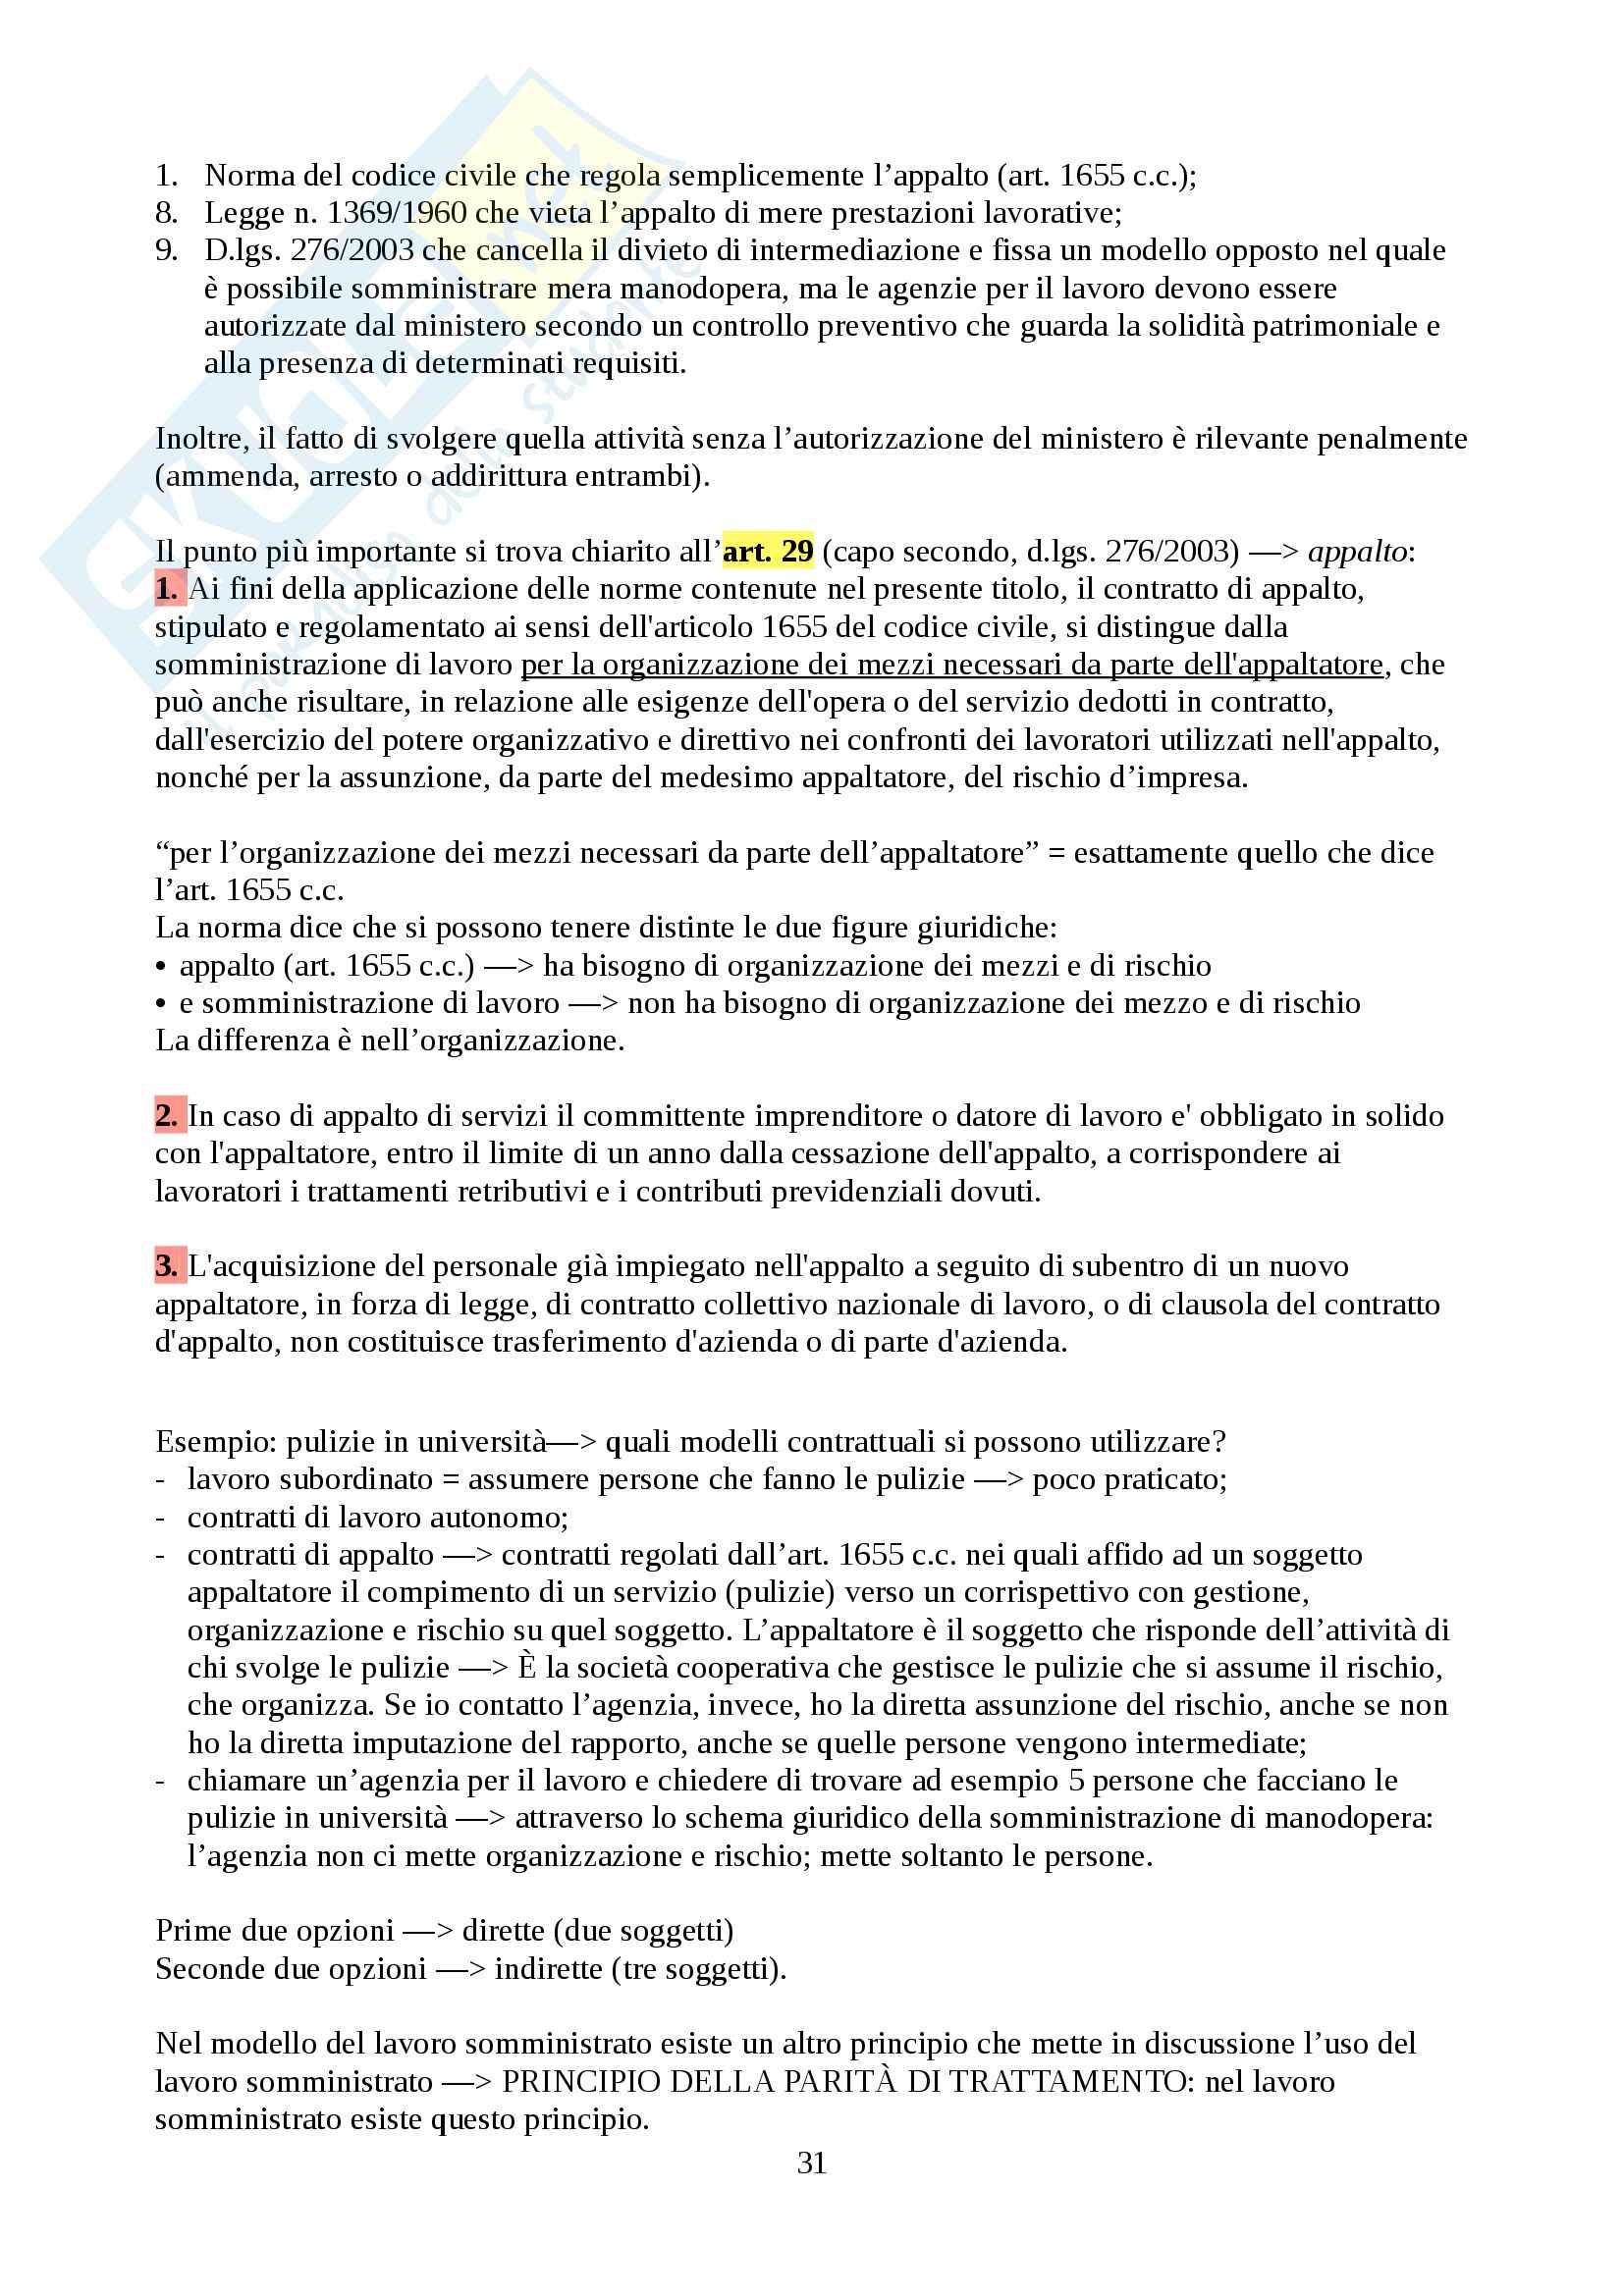 Appunti sui vari tipi di rapporti lavorativi, Diritto del lavoro Pag. 31